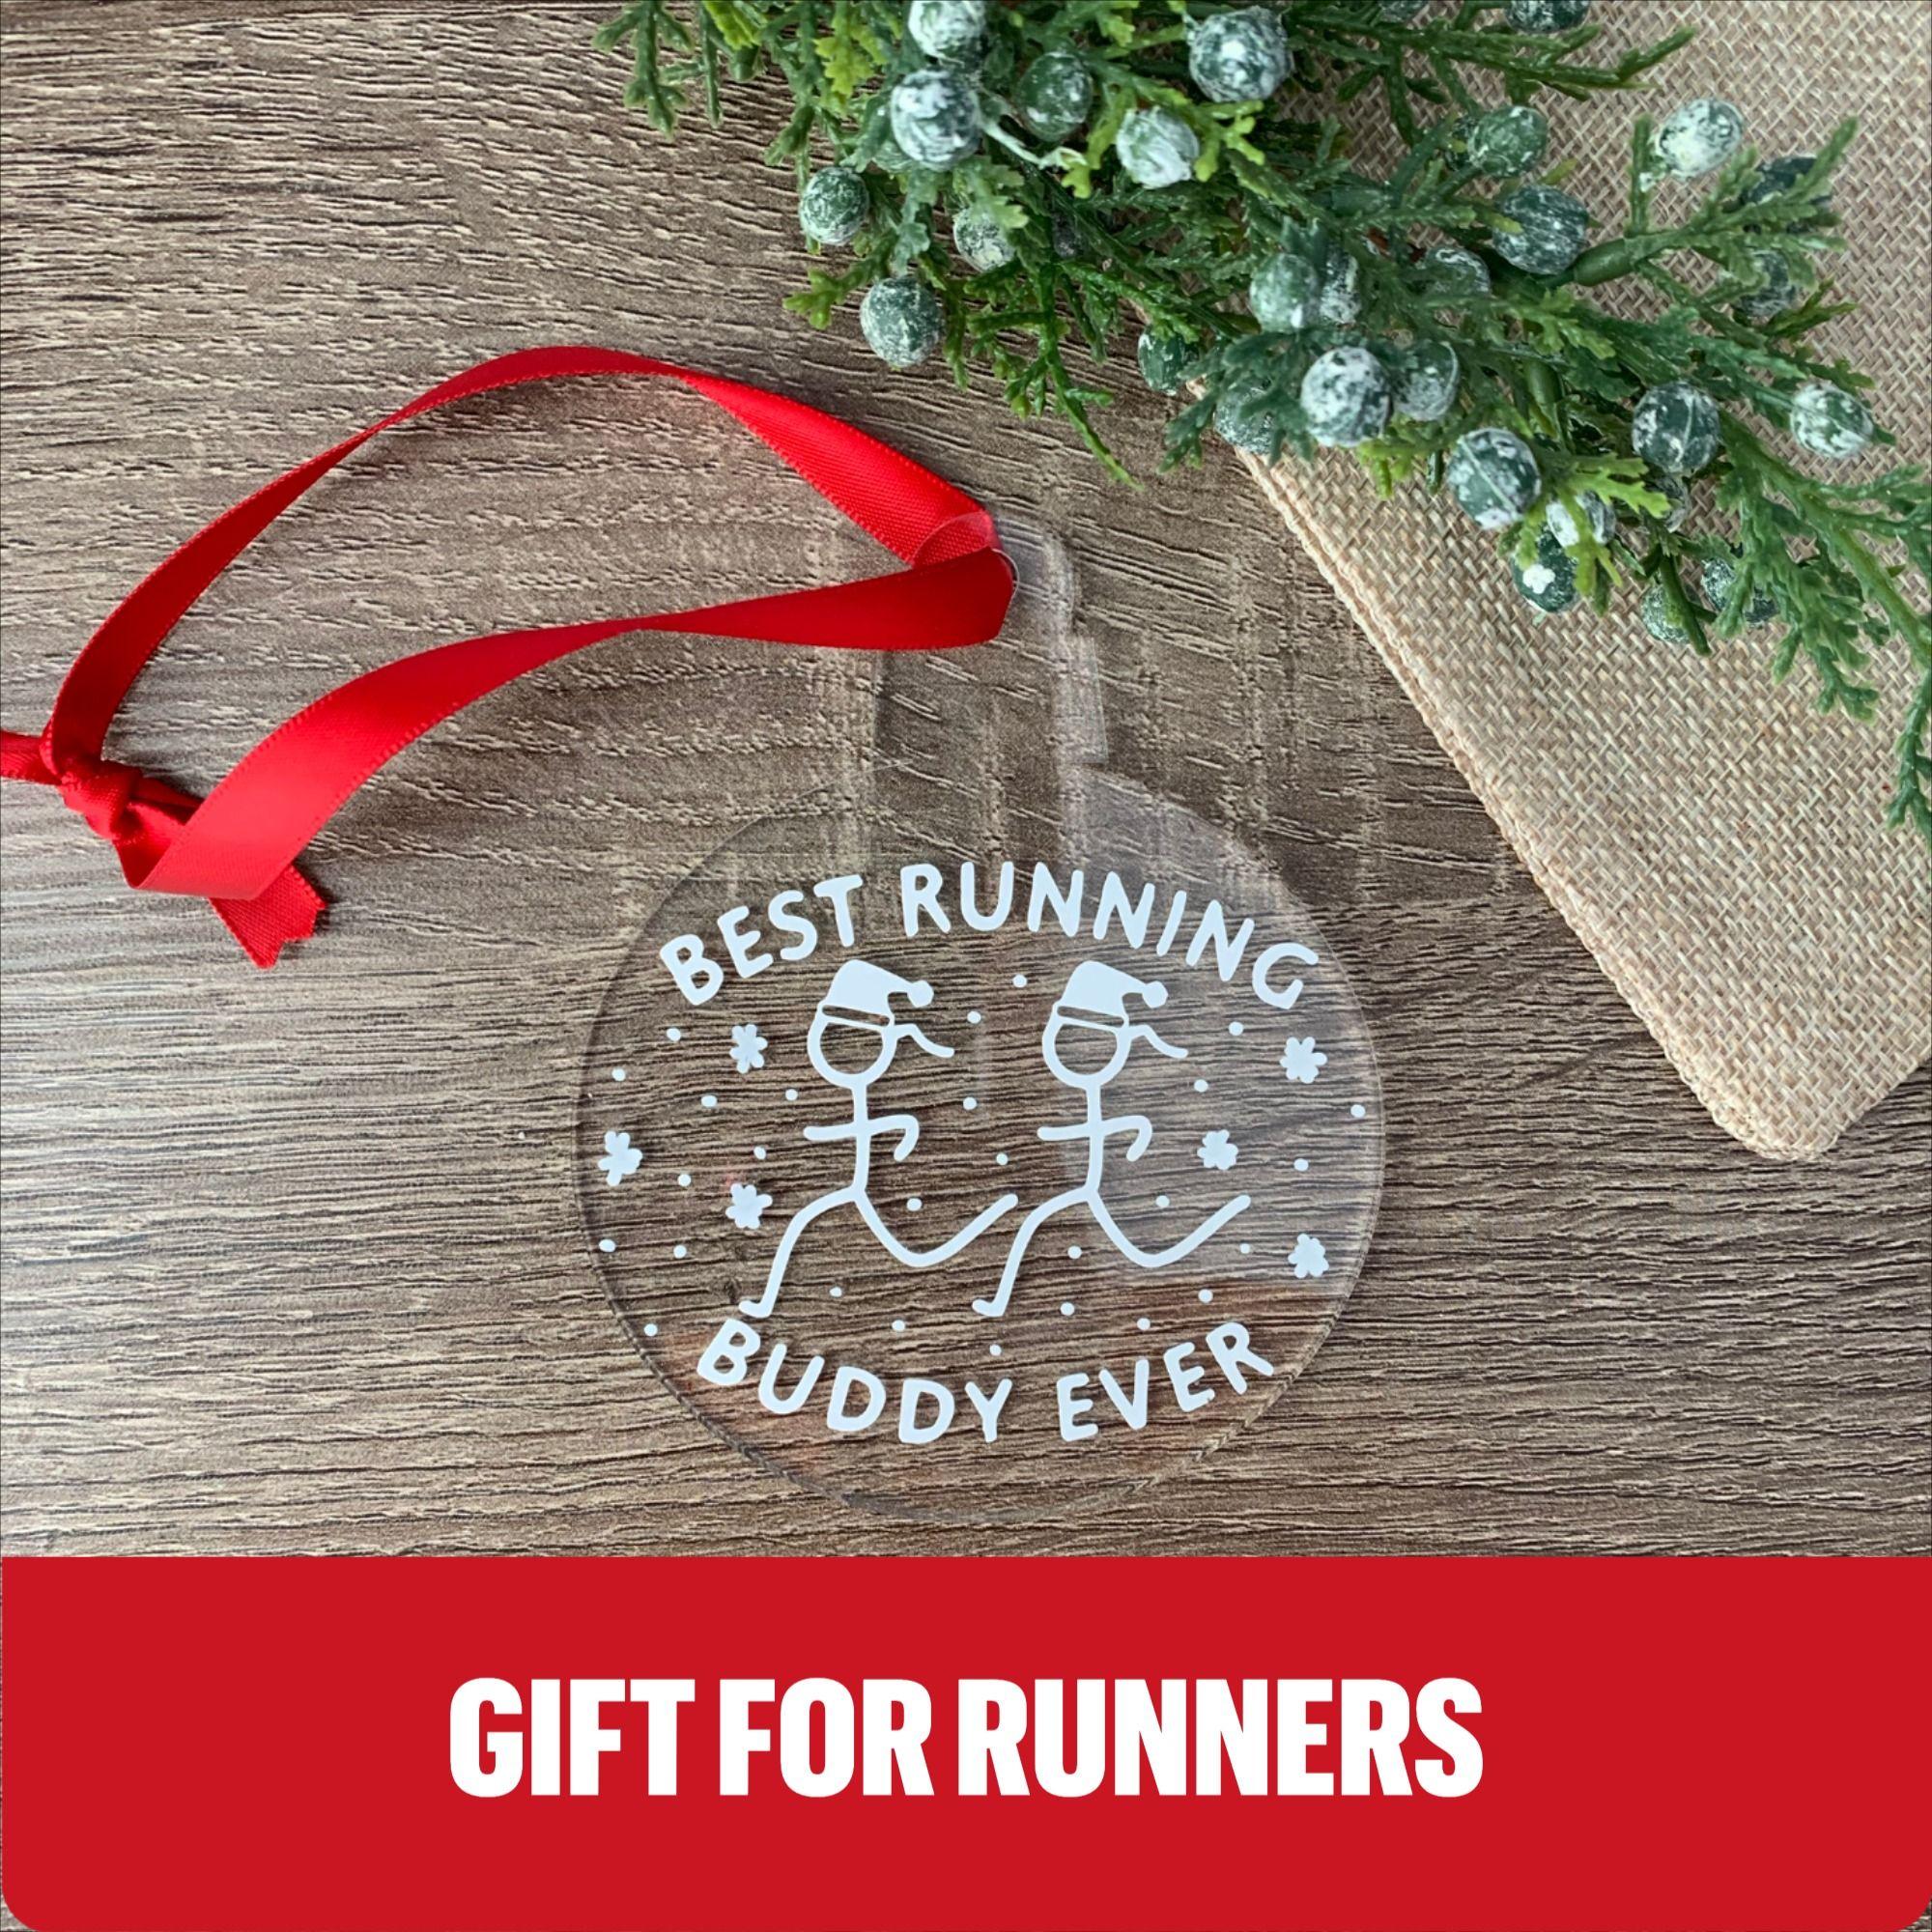 Run Gifts Runner Ornament Running Buddy Ornament Ornaments Running Friend Gifts Running Ornaments Runner Christmas Running Gifts